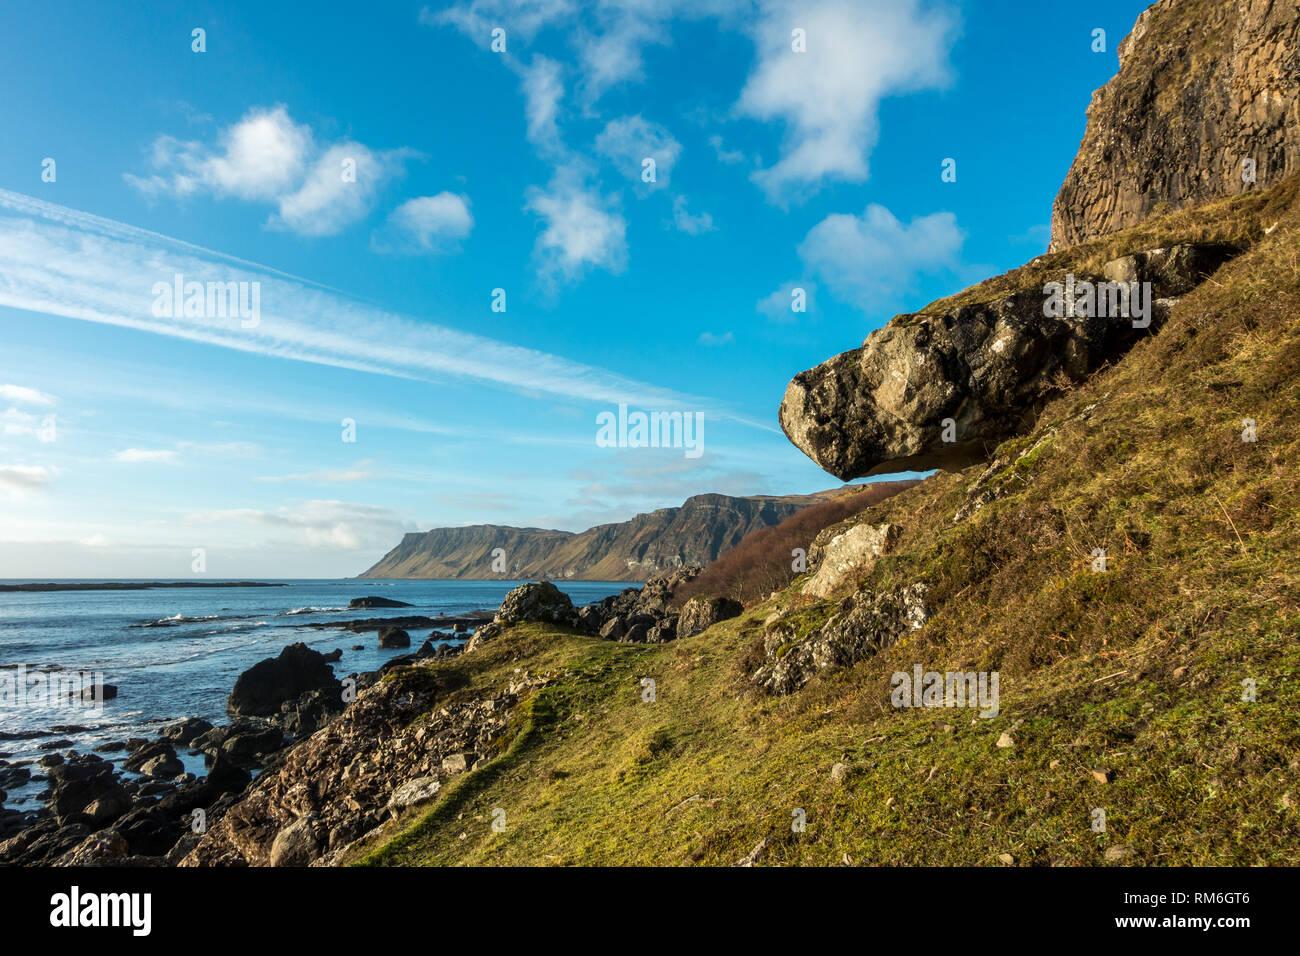 Impresionantes vistas al paisaje de los acantilados de la Carsaig Isle Of Mull en un hermoso día de invierno, Escocia - Vistas panorámicas Foto de stock